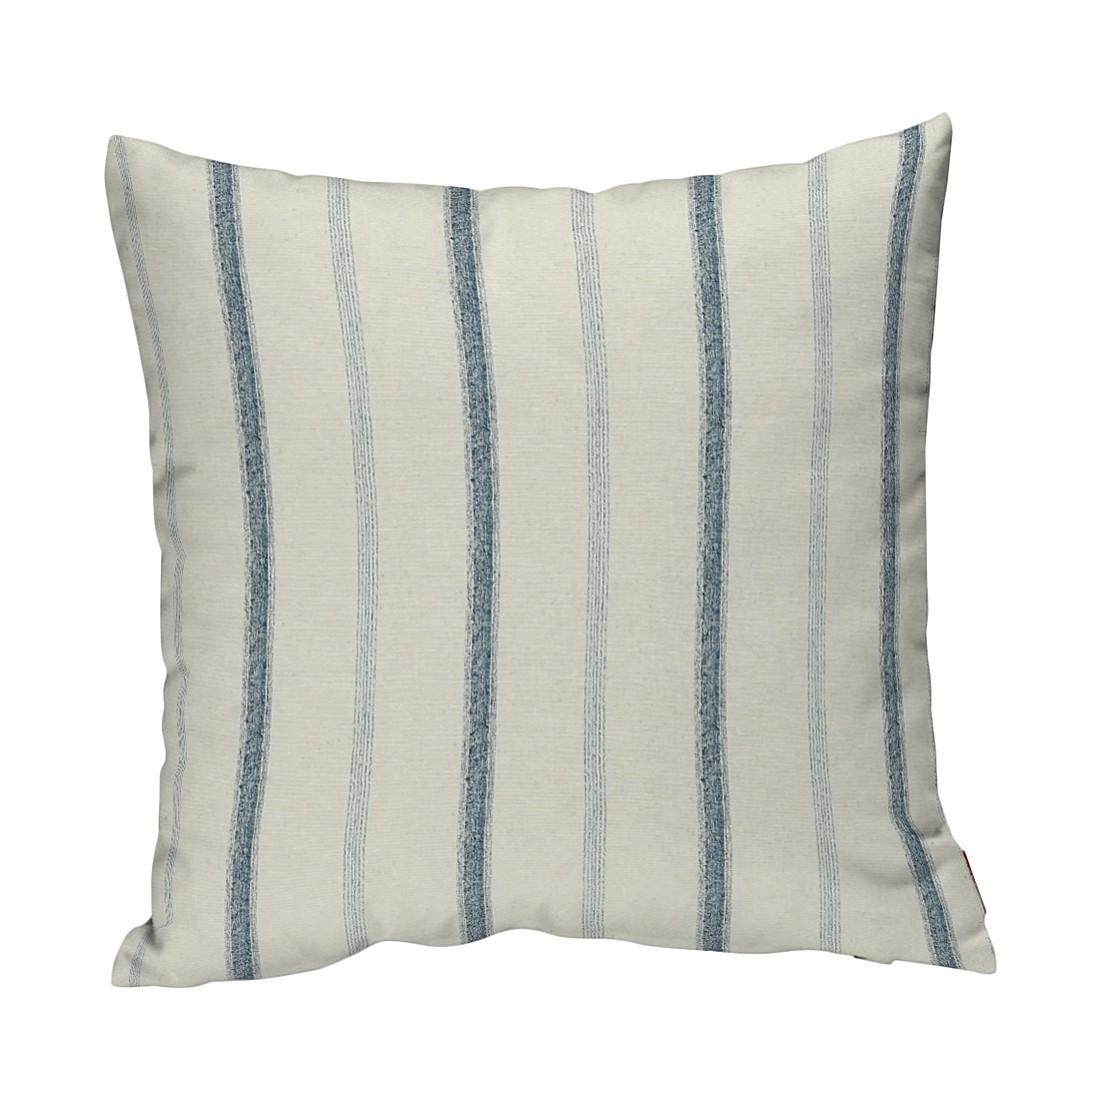 Image of Federe per cuscini - Crema/Righe blu Crema/Strisce 60 x cm, Dekoria